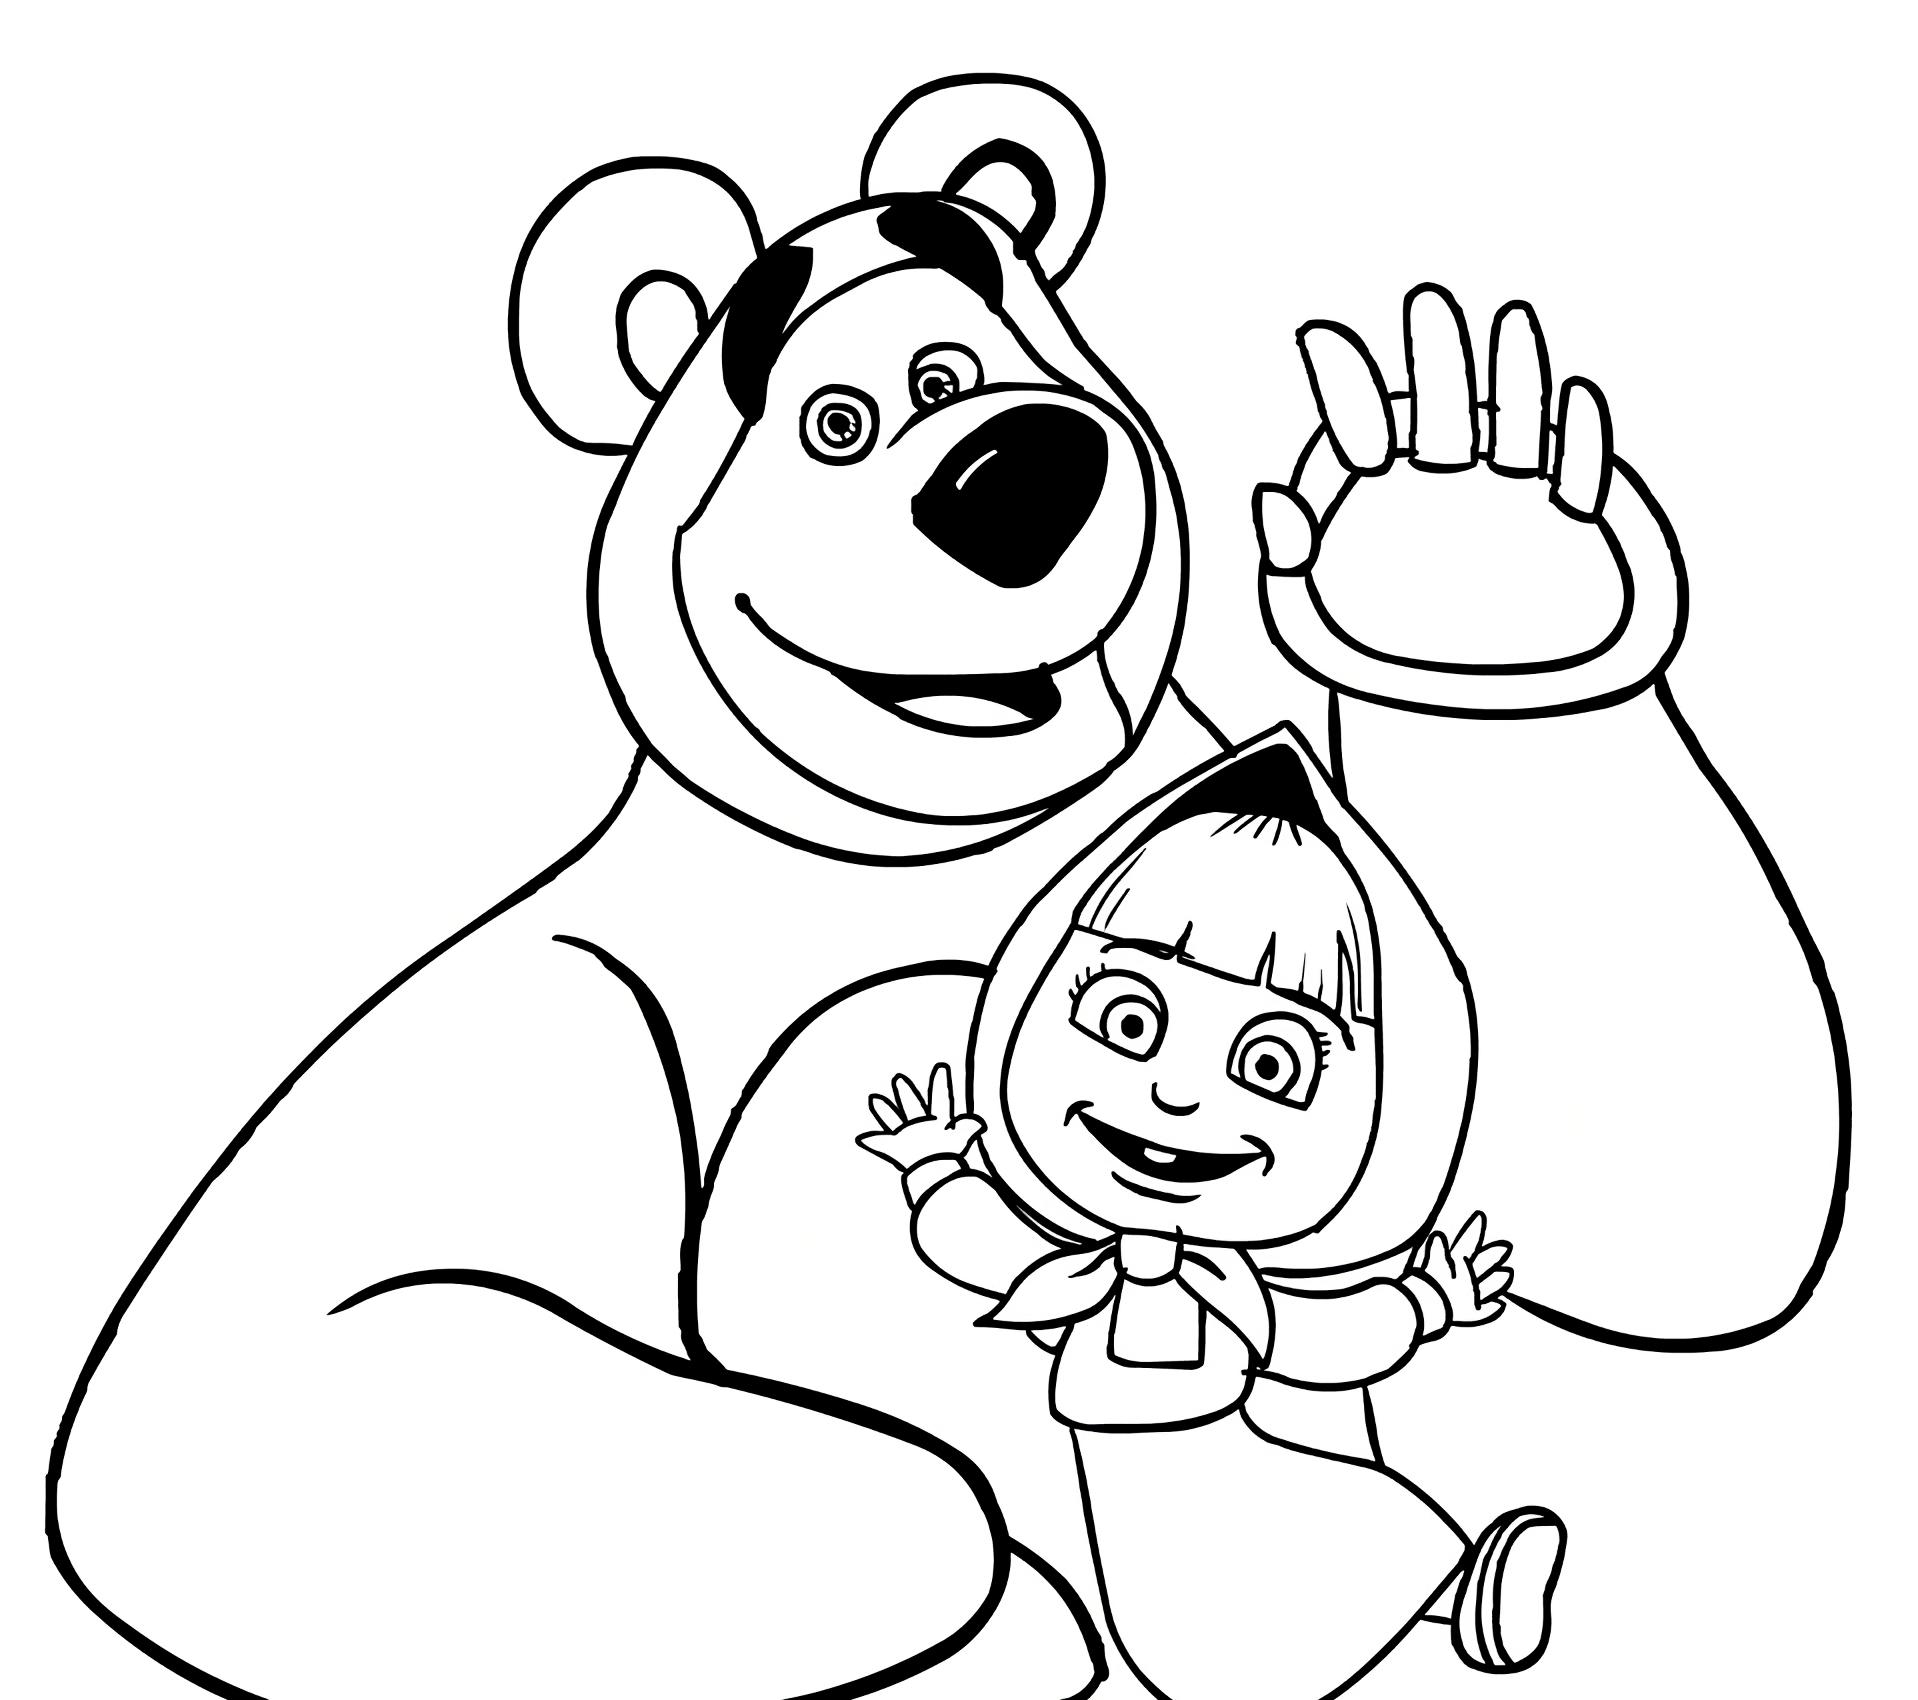 маша и медведь черно белый рисунок нашем сайте собраны